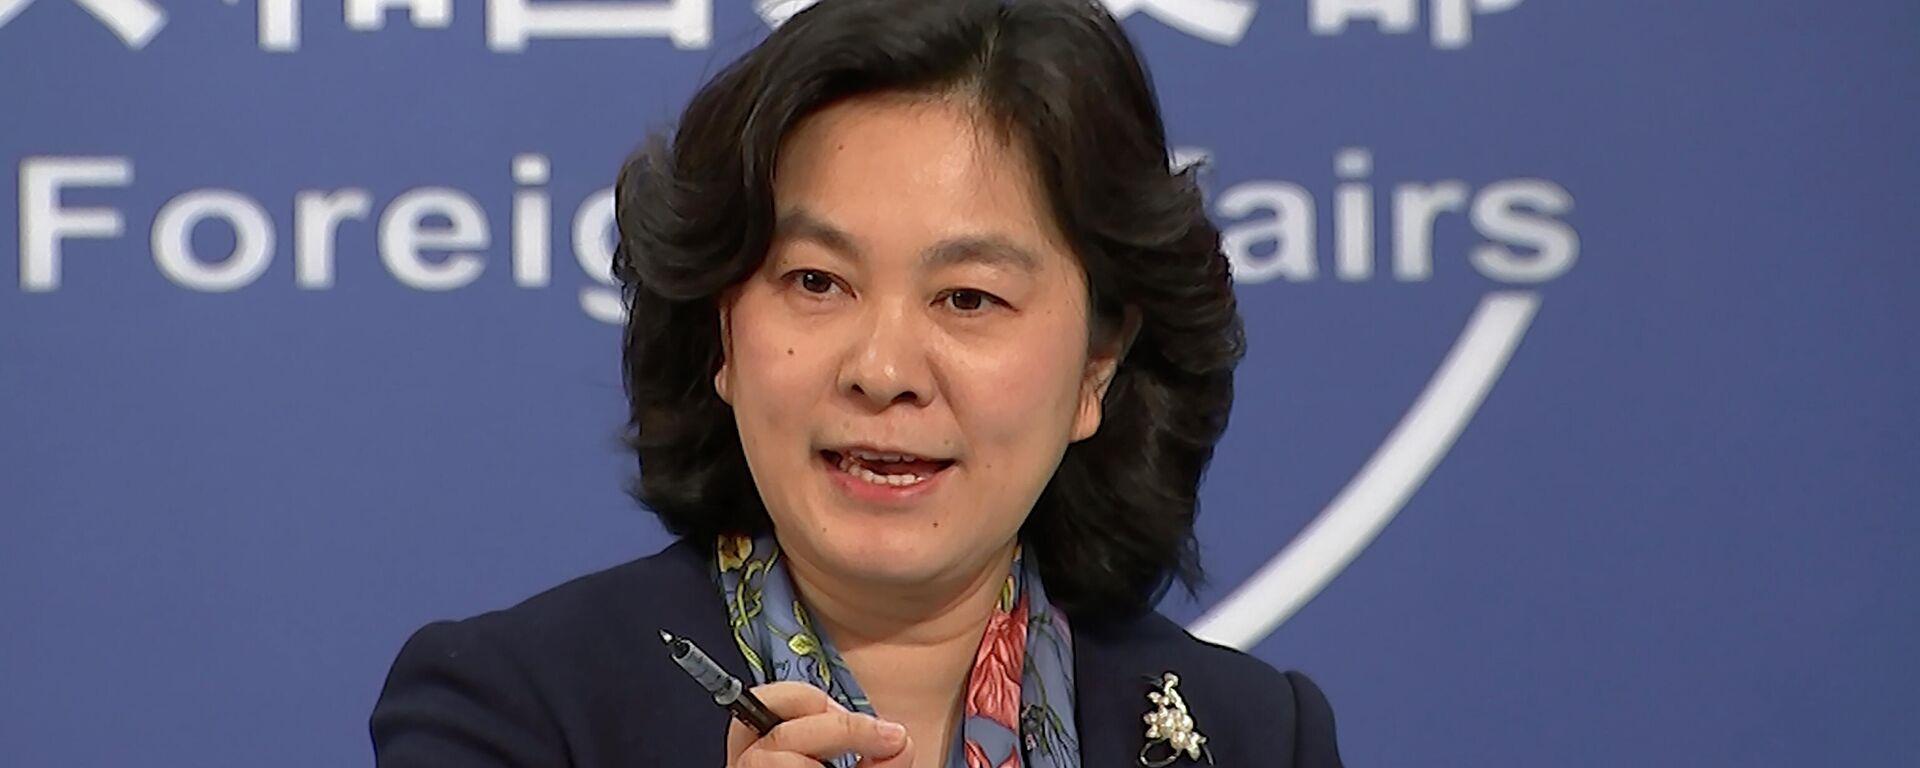 Hua Chunying, la portavoz del Ministerio de Exteriores de China, - Sputnik Mundo, 1920, 12.05.2021